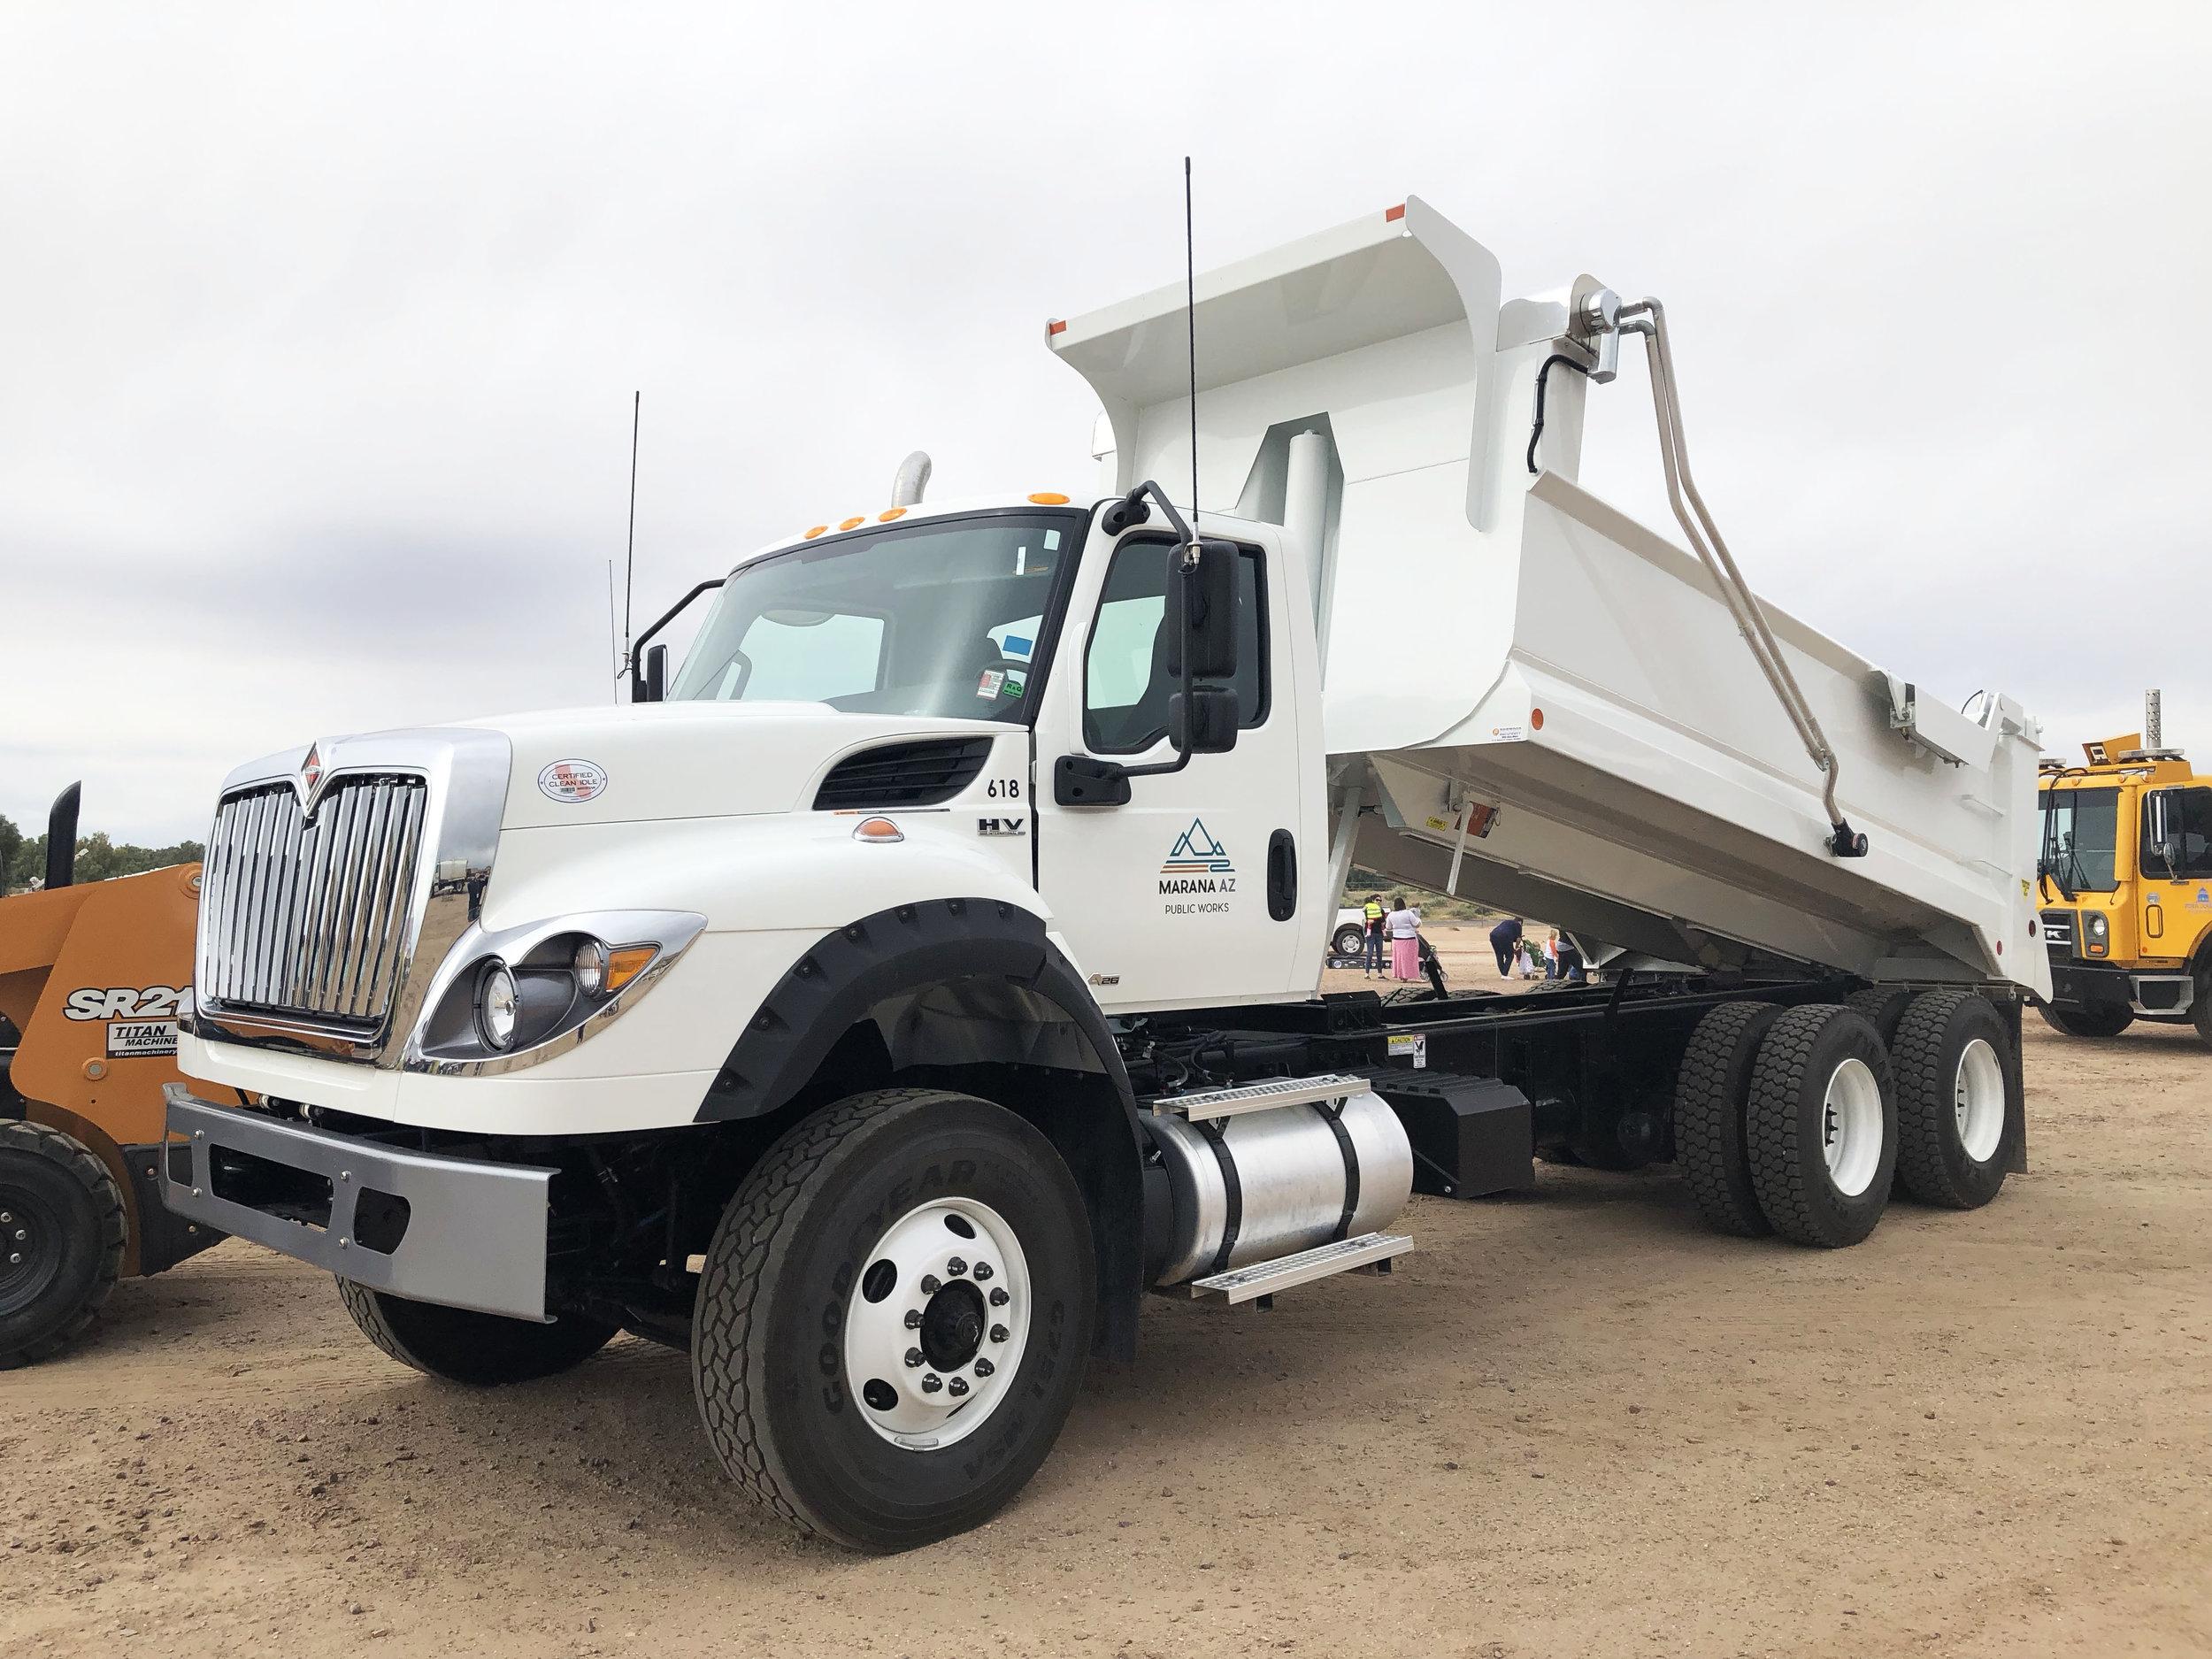 A dump truck.